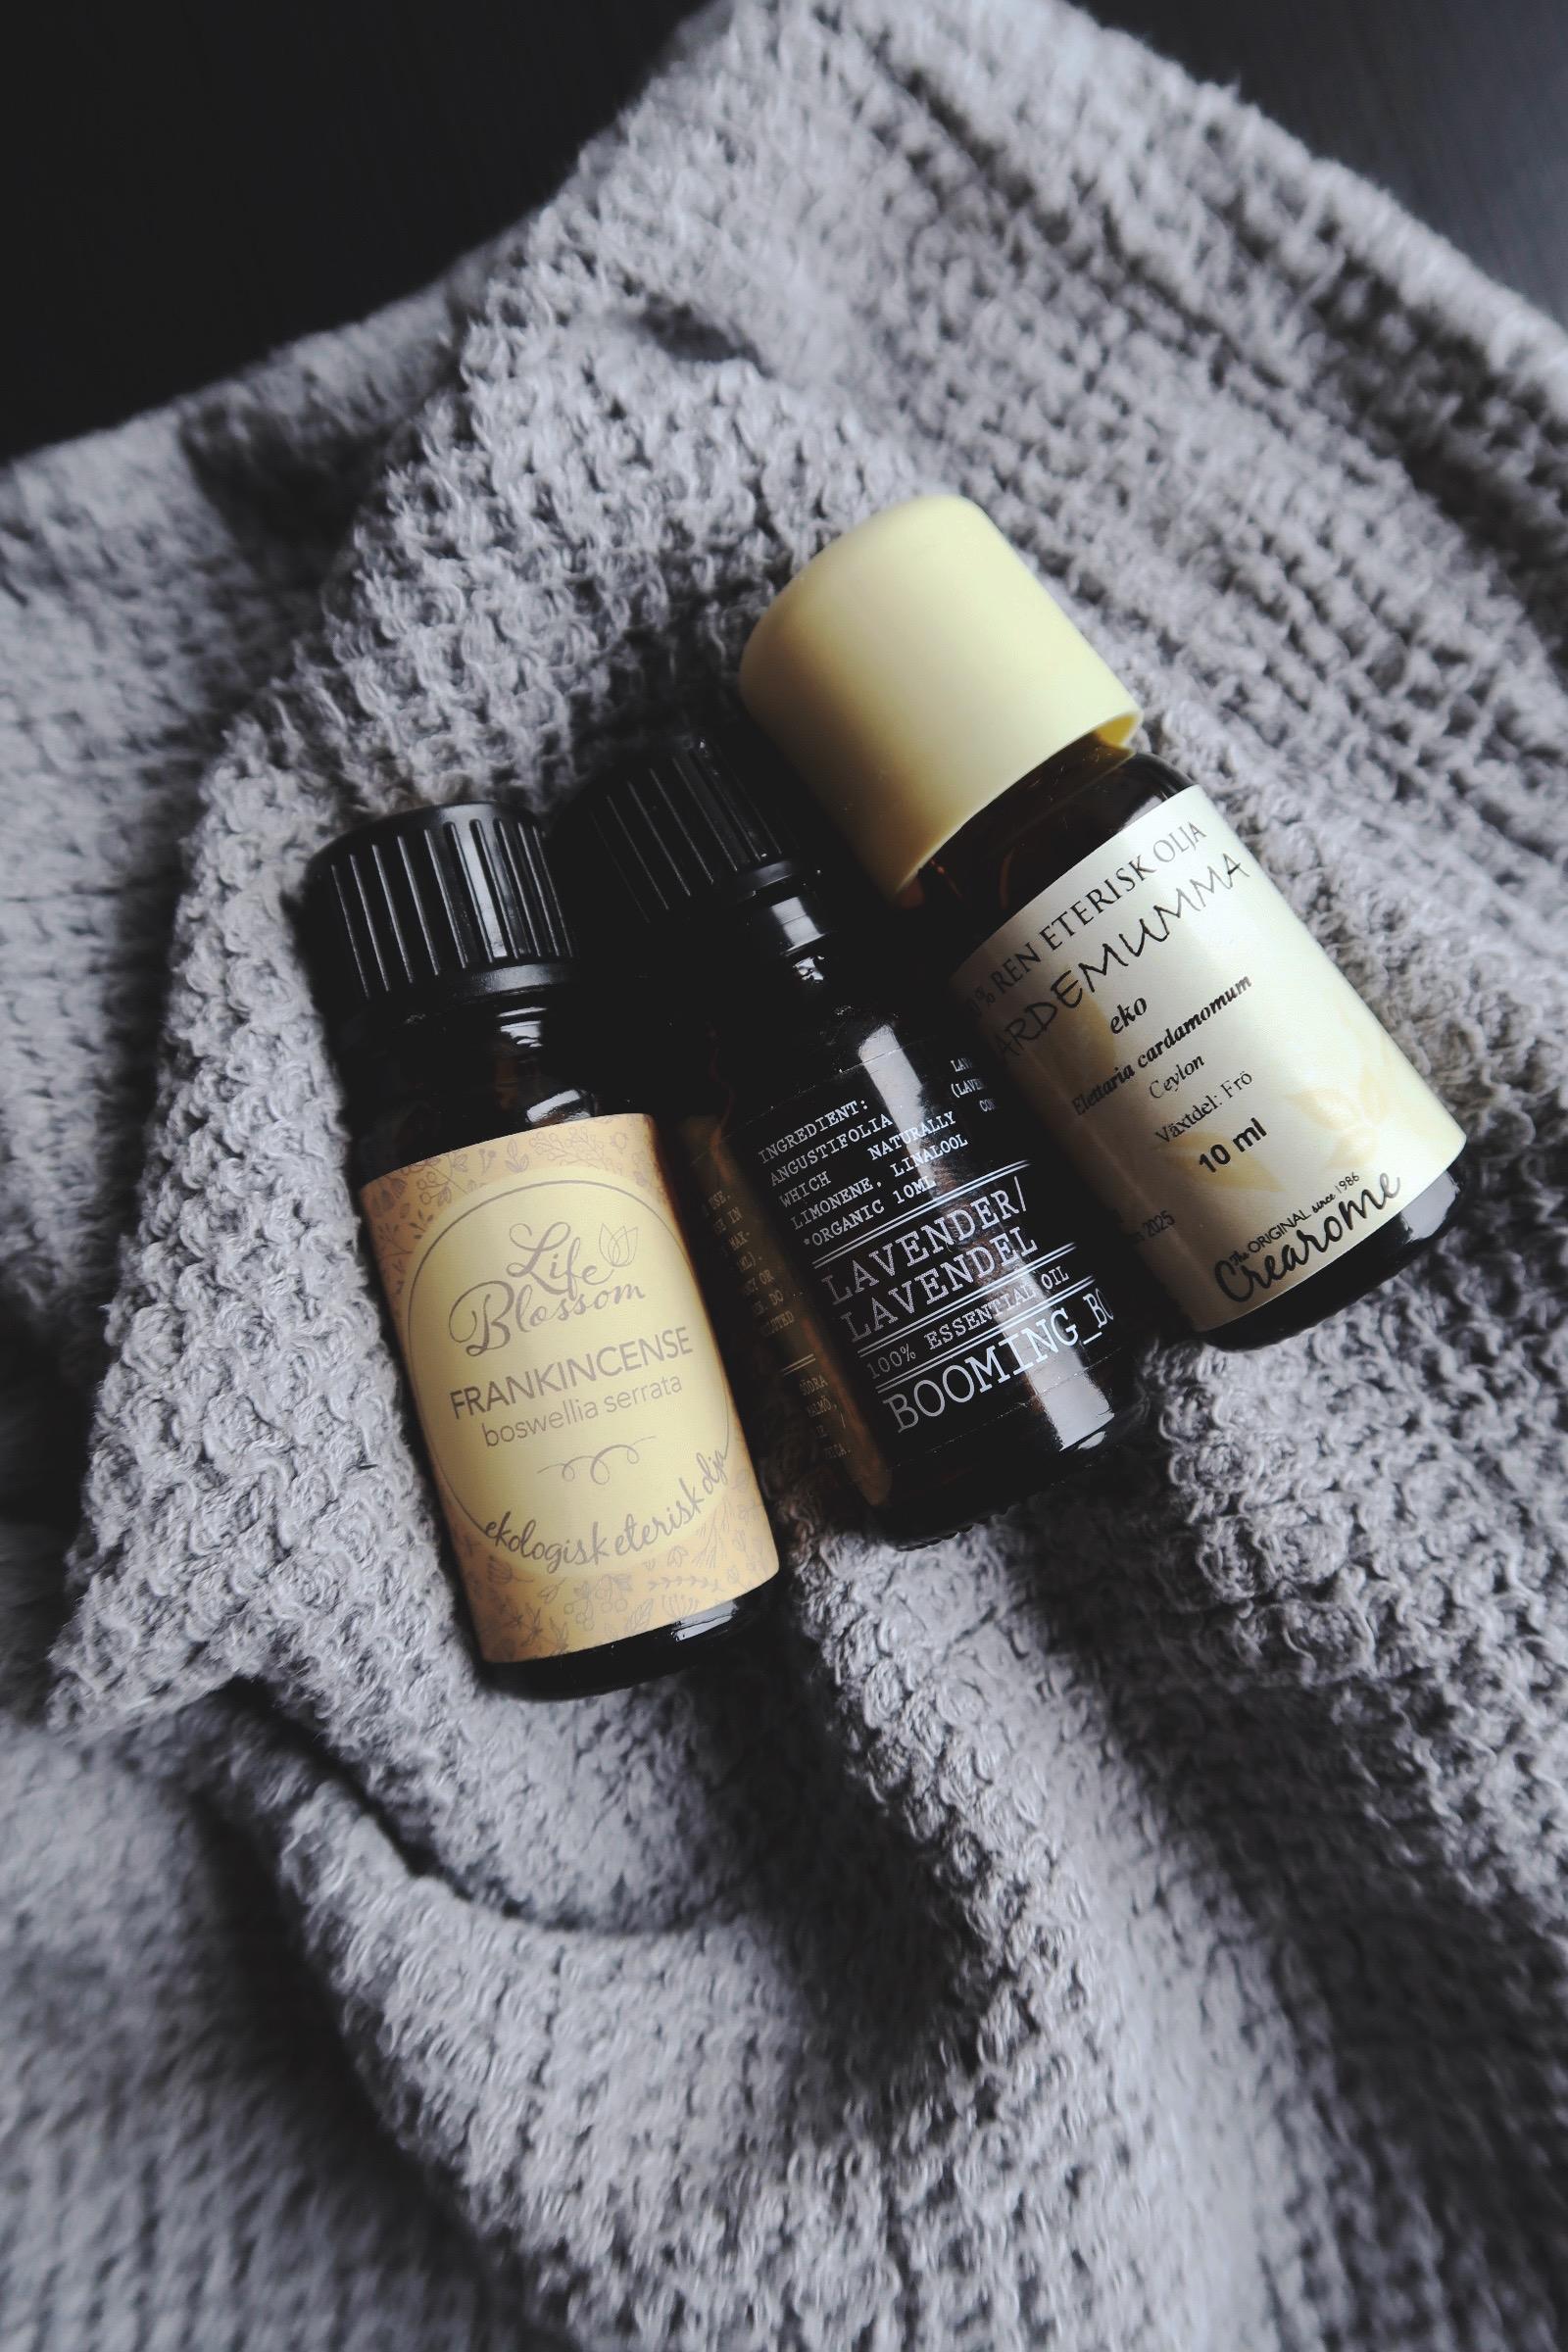 DIY massageolja med eteriska oljor - Frankincense lavendel och kardemumma